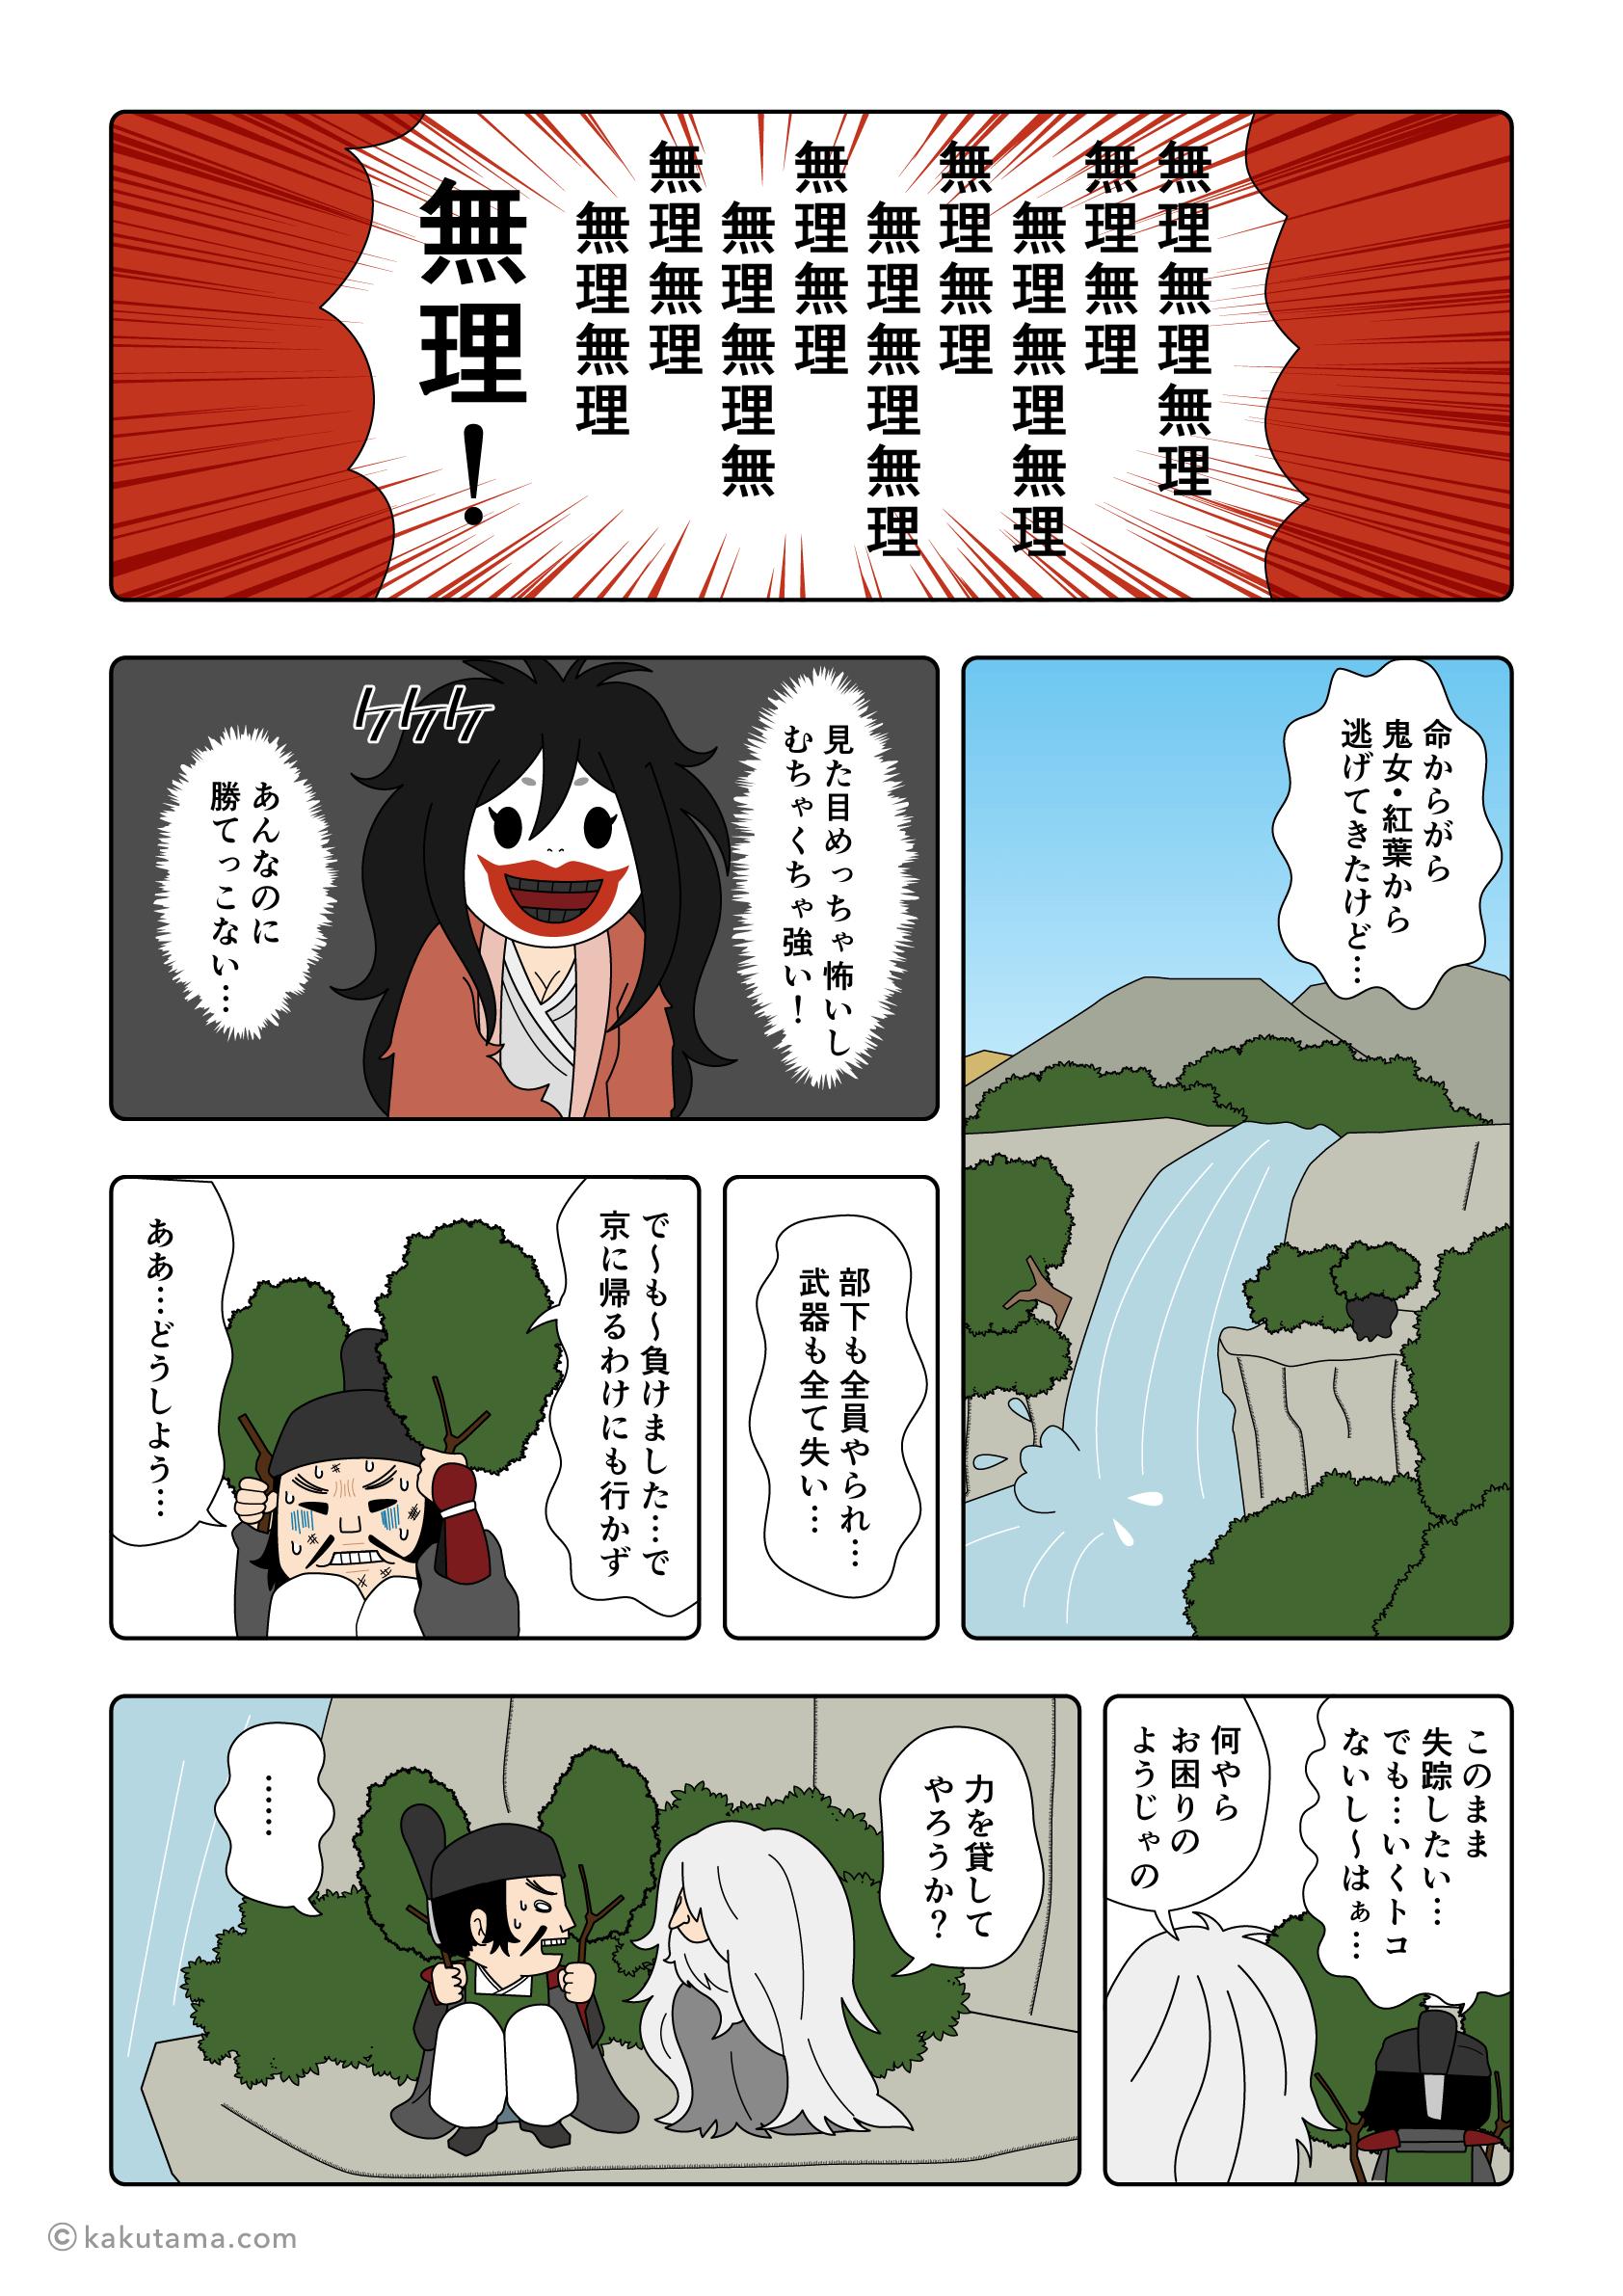 山や村を荒らす紅葉を狩るコトを命じられる漫画1